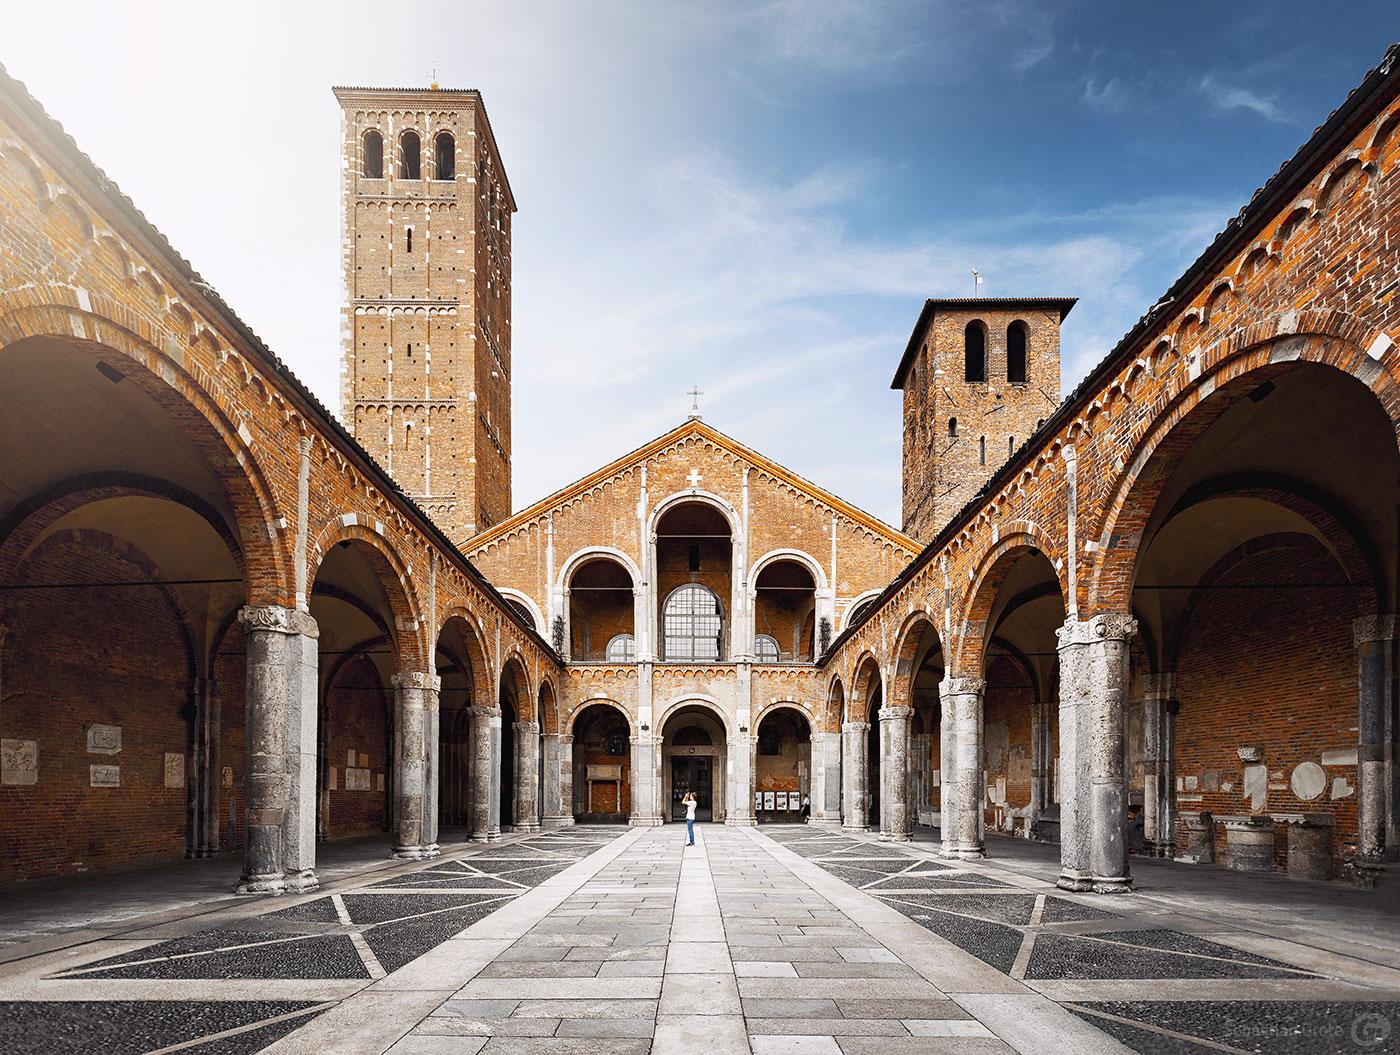 Mailand 9 Basilica di Sant'Ambrogio